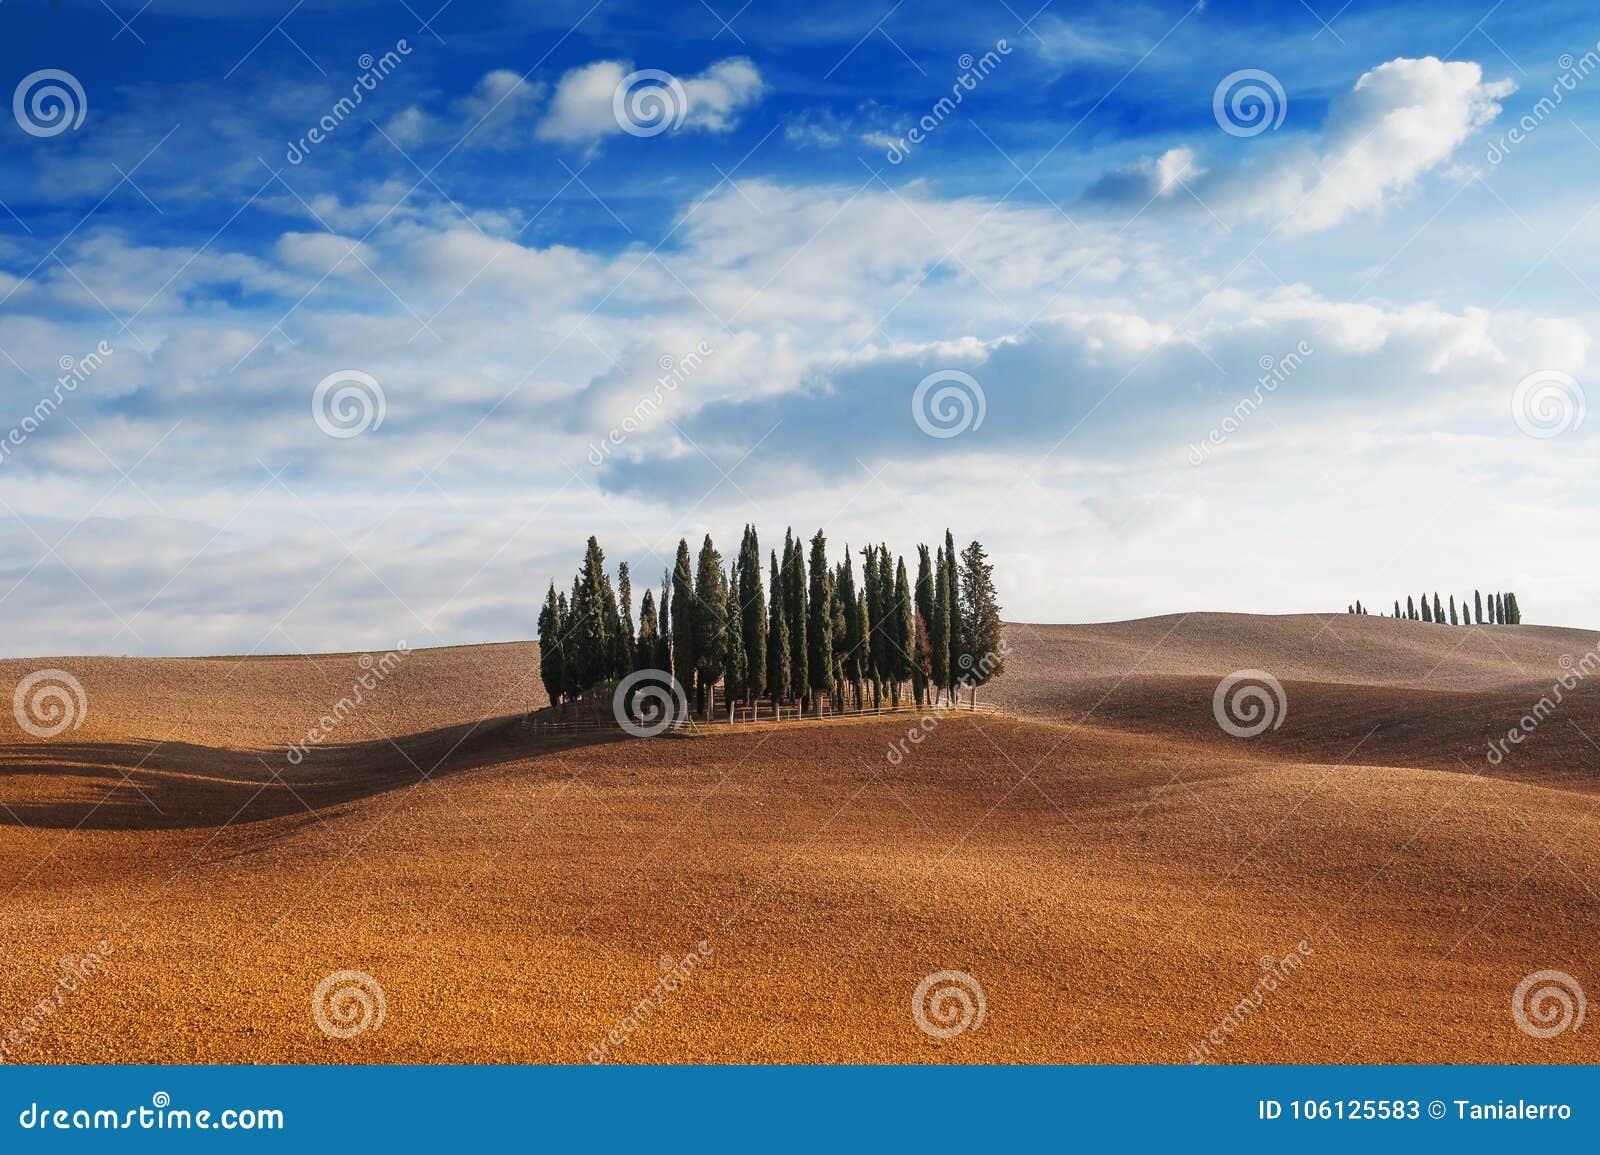 Тоскана, Италия - сценарный взгляд тосканского ландшафта с Rolling Hills, малый лес кипарисов и голубое небо с облаками